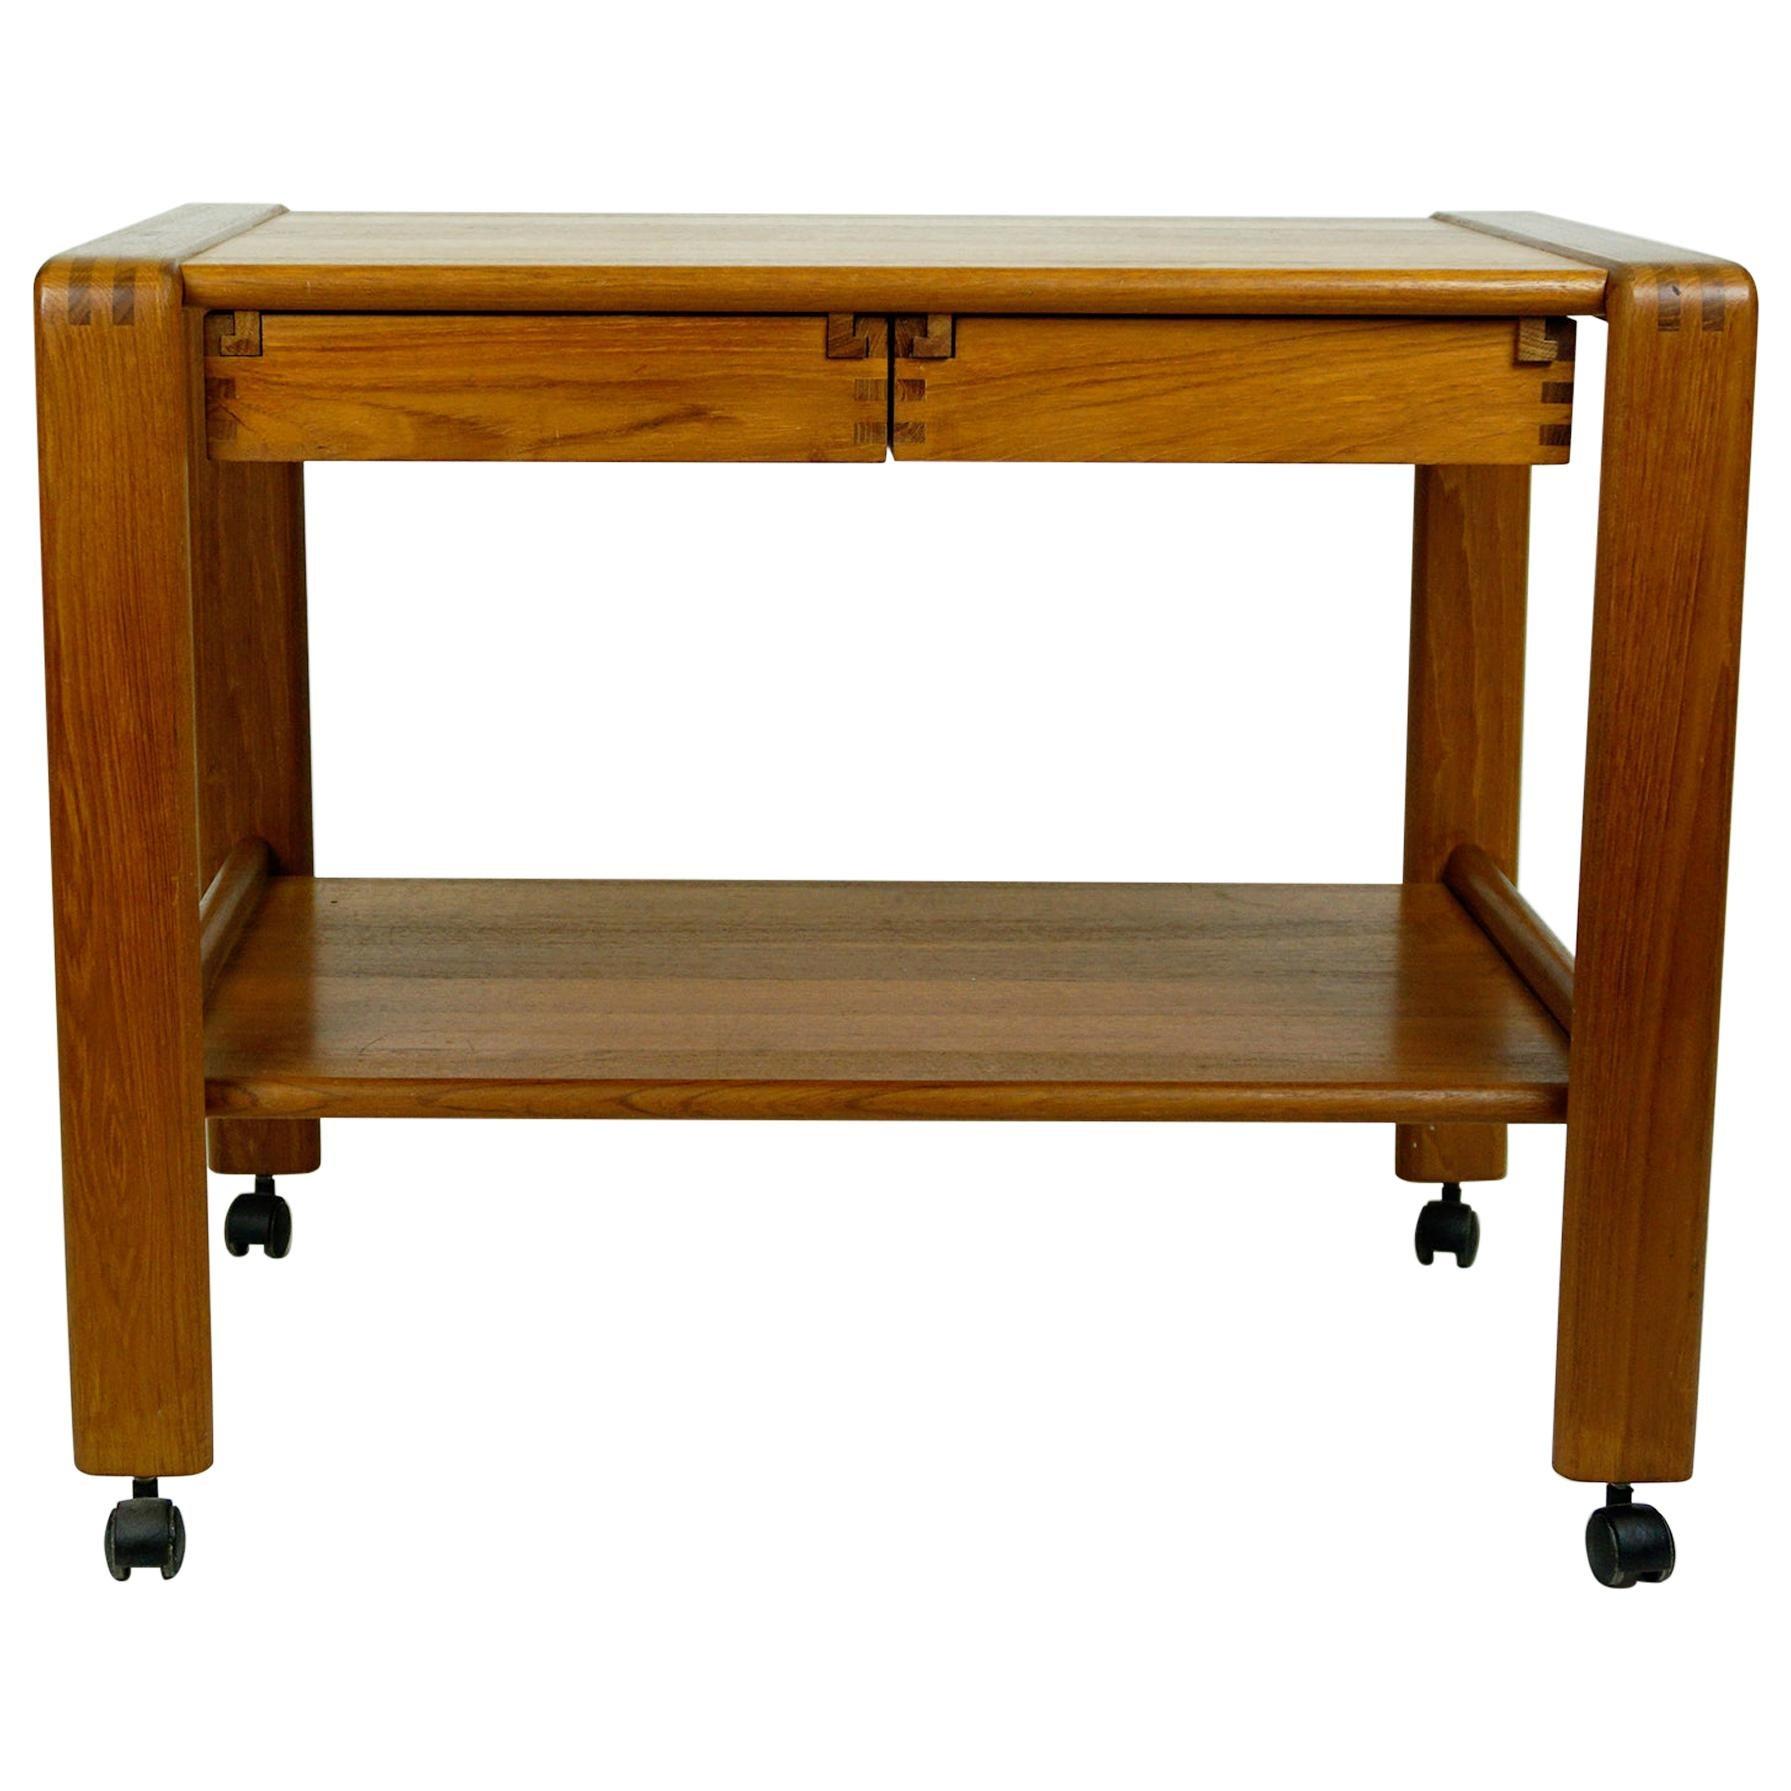 Scandinavian Modern Teak Serving Table or Bar Cart